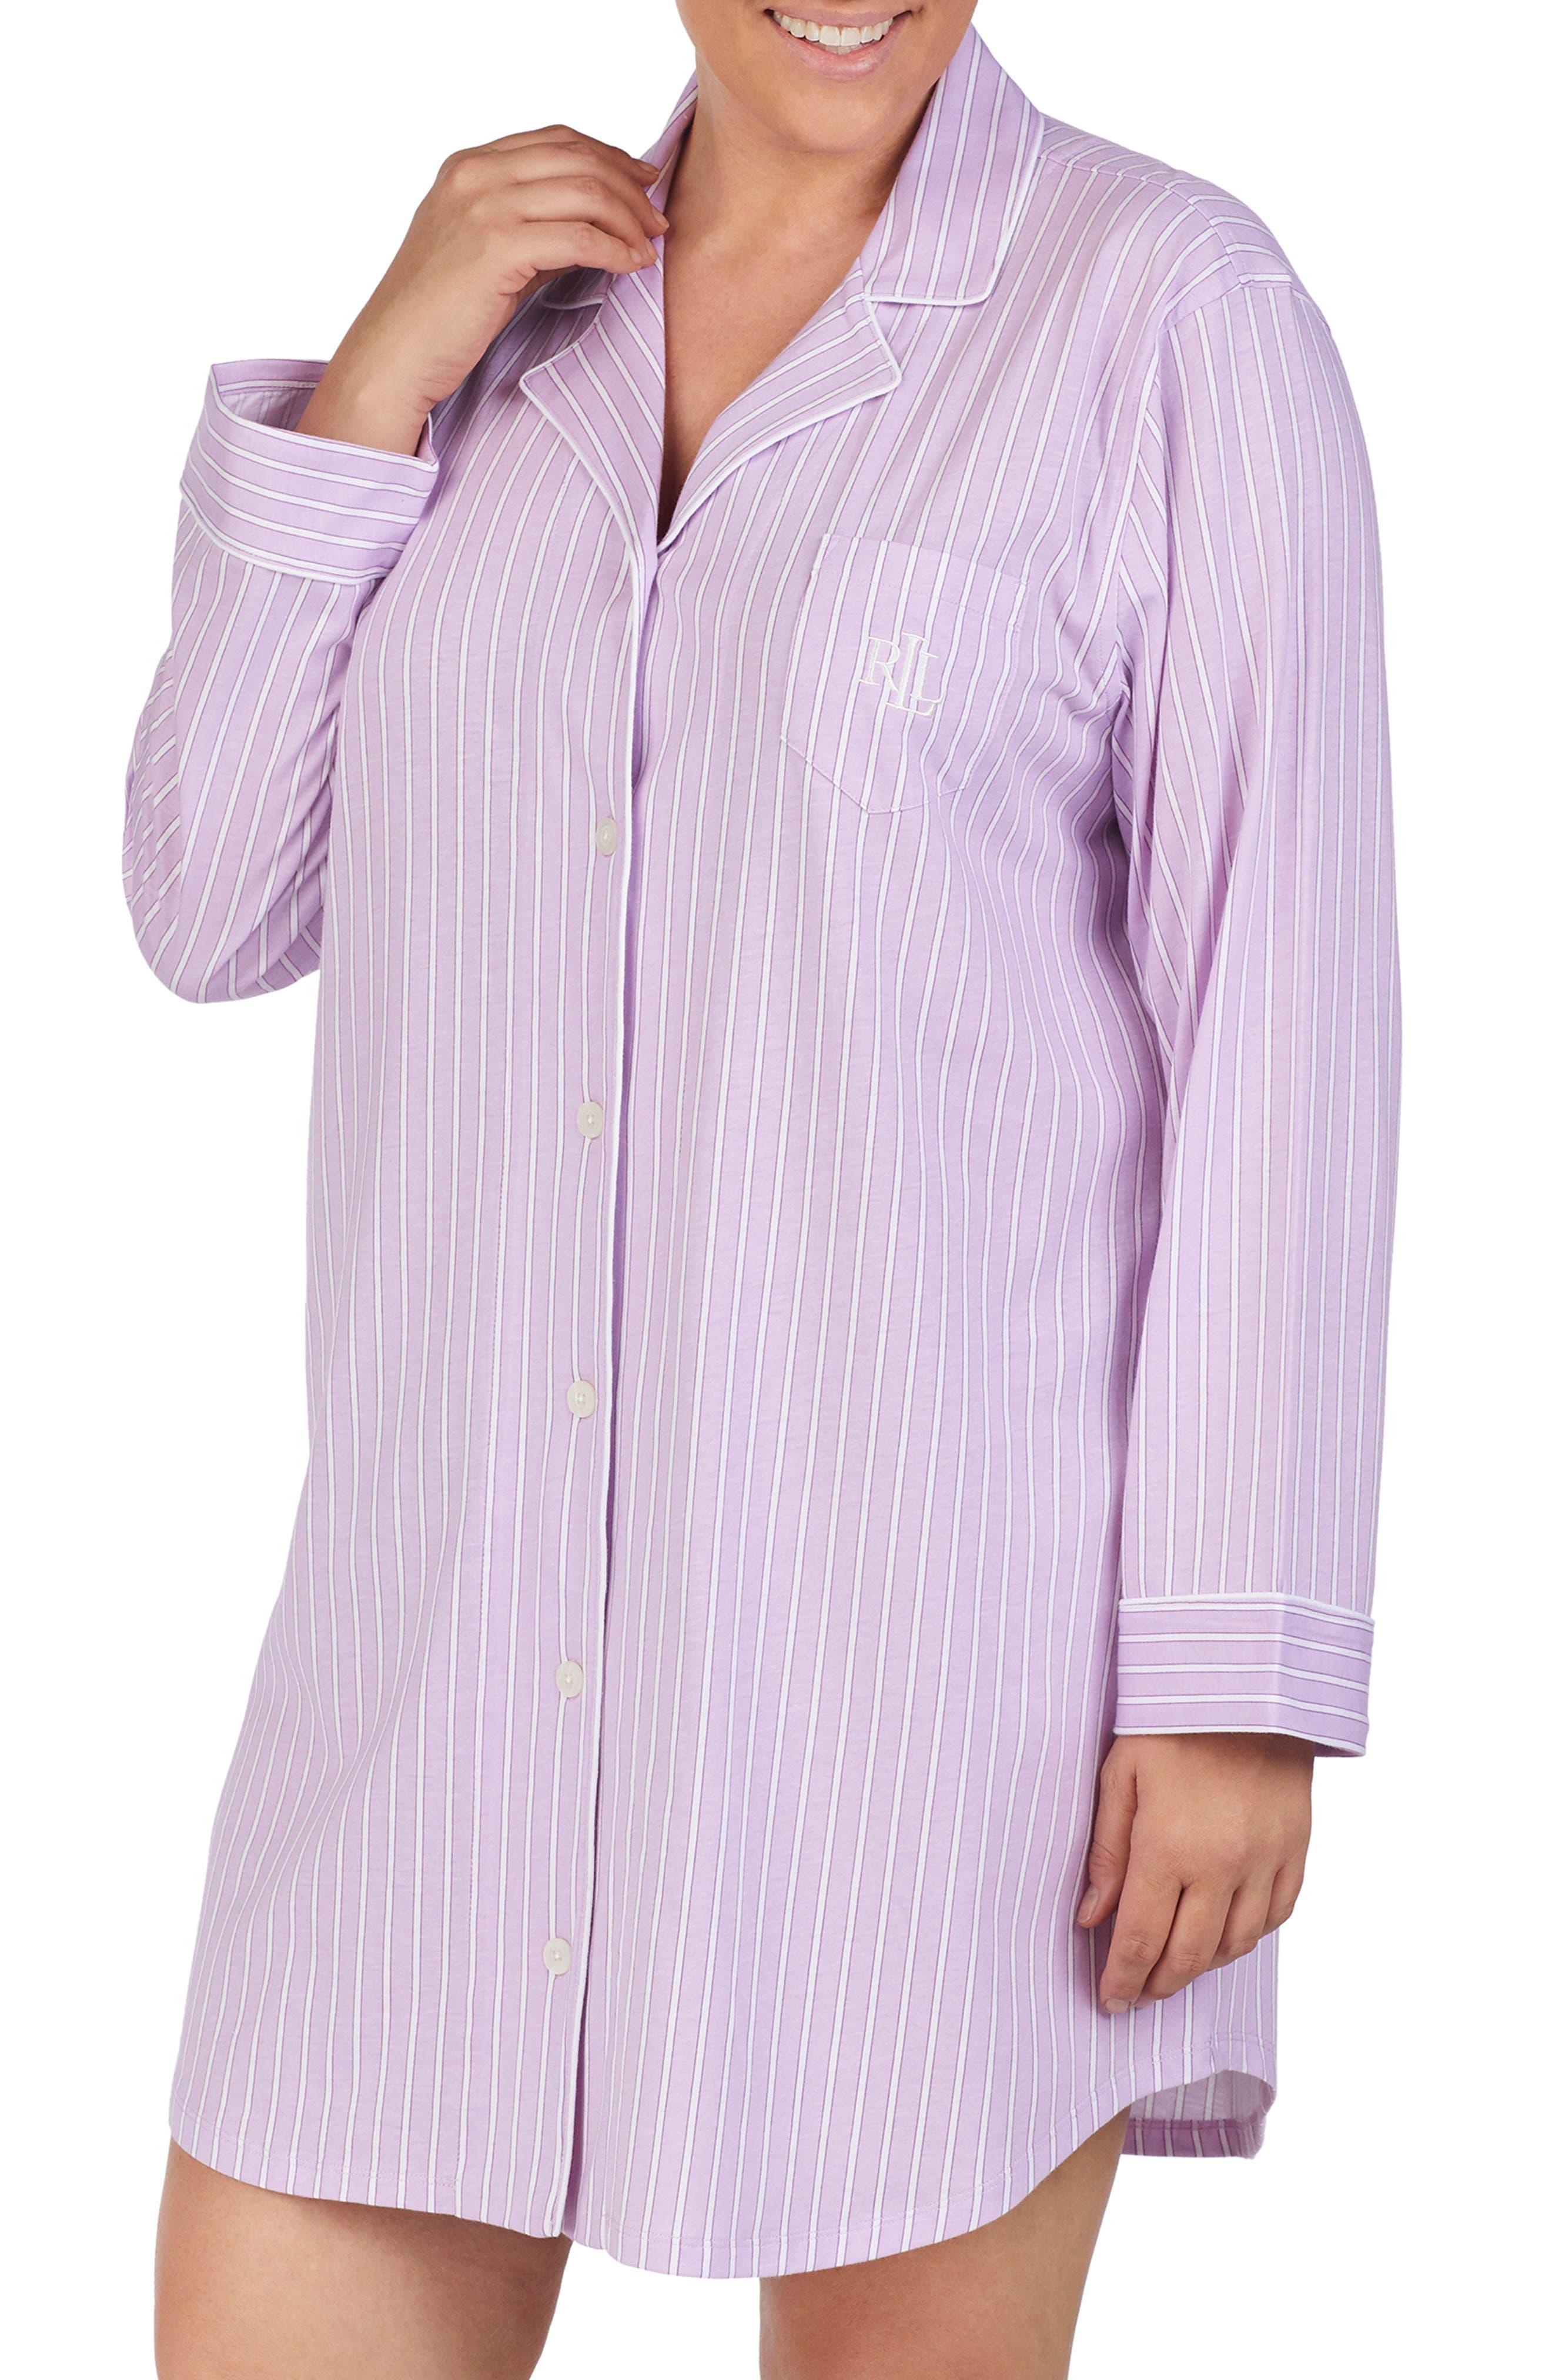 Plus Size Lauren Ralph Lauren His Striped Sleep Shirt